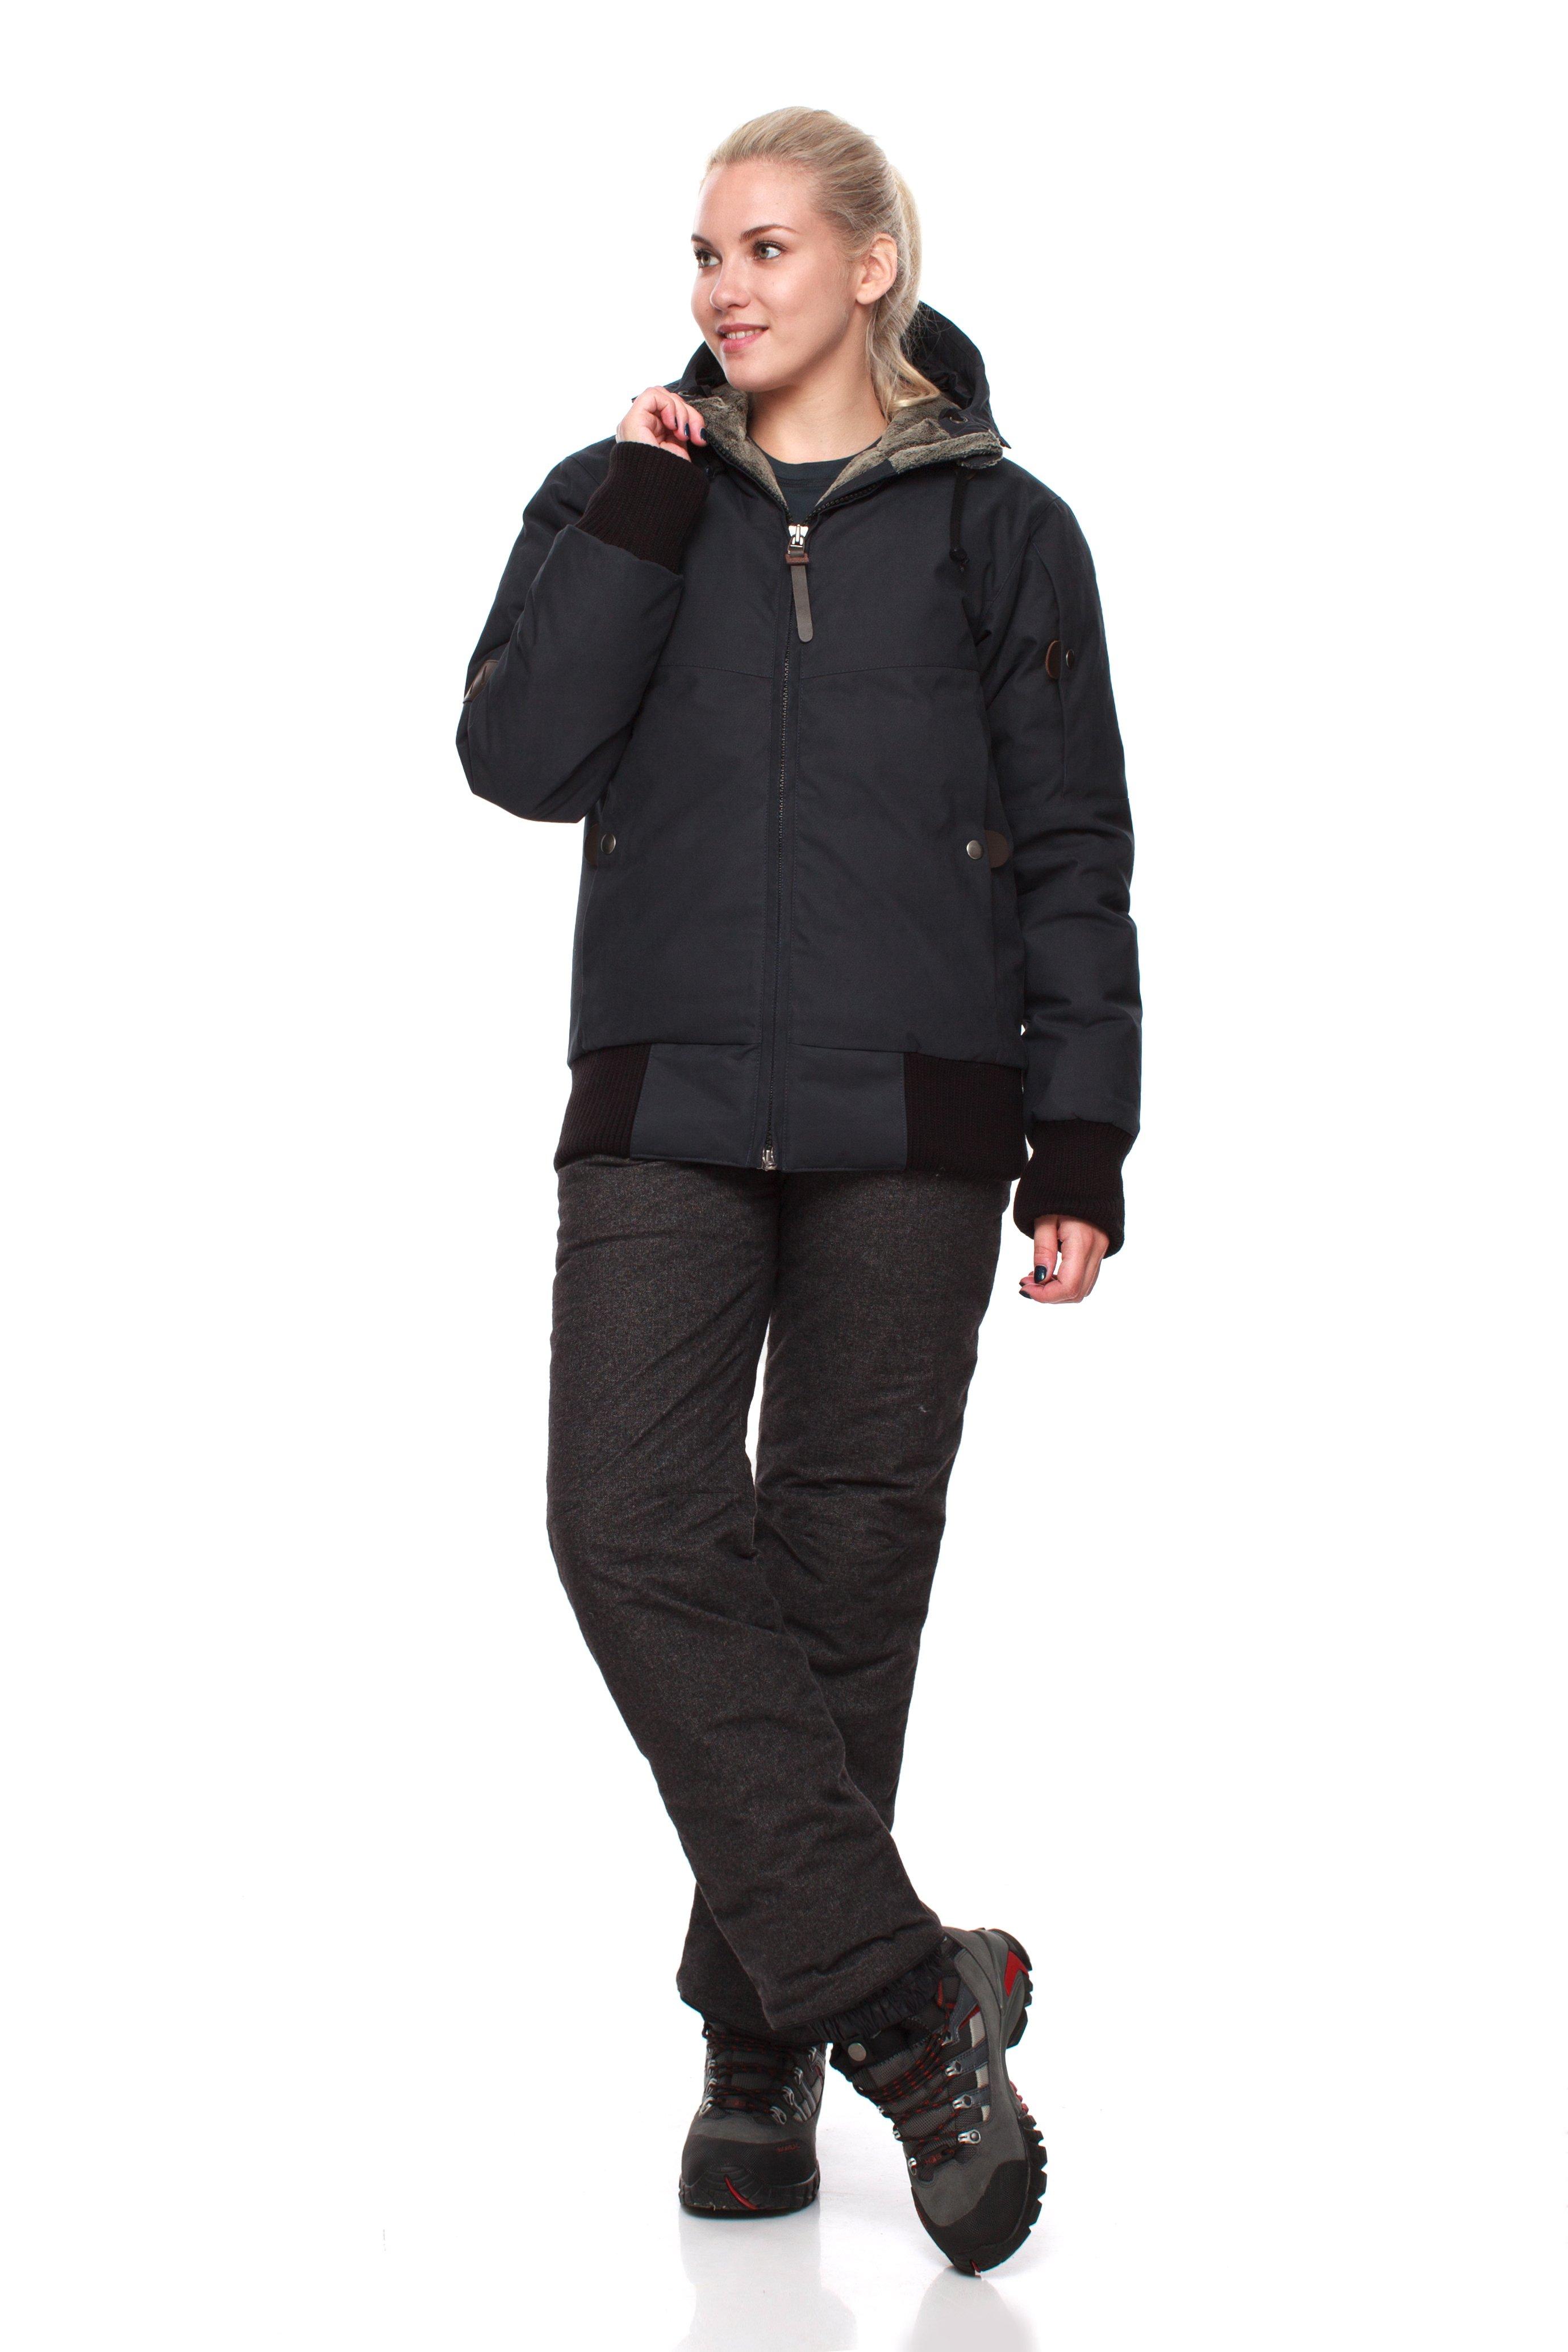 Пуховая куртка BASK YGRA HARD 3779Куртки<br><br><br>&quot;Дышащие&quot; свойства: Да<br>Верхняя ткань: Advance® Alaska<br>Вес граммы: 1760<br>Вес утеплителя: 380<br>Ветро-влагозащитные свойства верхней ткани: Да<br>Ветрозащитная планка: Да<br>Ветрозащитная юбка: Нет<br>Влагозащитные молнии: Нет<br>Внутренние манжеты: Нет<br>Внутренняя ткань: Advance® Classic<br>Водонепроницаемость: 10000<br>Дублирующий центральную молнию клапан: Нет<br>Защитный козырёк капюшона: Нет<br>Капюшон: Несъемный<br>Карман для средств связи: Нет<br>Количество внешних карманов: 3<br>Количество внутренних карманов: 3<br>Коллекция: Pole to Pole<br>Мембрана: Да<br>Объемный крой локтевой зоны: Нет<br>Отстёгивающиеся рукава: Нет<br>Паропроницаемость: 5000<br>Показатель Fill Power (для пуховых изделий): 650<br>Пол: Женский<br>Проклейка швов: Нет<br>Регулировка манжетов рукавов: Нет<br>Регулировка низа: Нет<br>Регулировка объёма капюшона: Да<br>Регулировка талии: Нет<br>Регулируемые вентиляционные отверстия: Нет<br>Световозвращающая лента: Нет<br>Температурный режим: -25<br>Технология Thermal Welding: Нет<br>Технология швов: Простые<br>Тип молнии: Двухзамковая<br>Тип утеплителя: Натуральный<br>Усиление контактных зон: Нет<br>Утеплитель: Гусиный пух<br>Размер INT: M<br>Цвет: ЧЕРНЫЙ